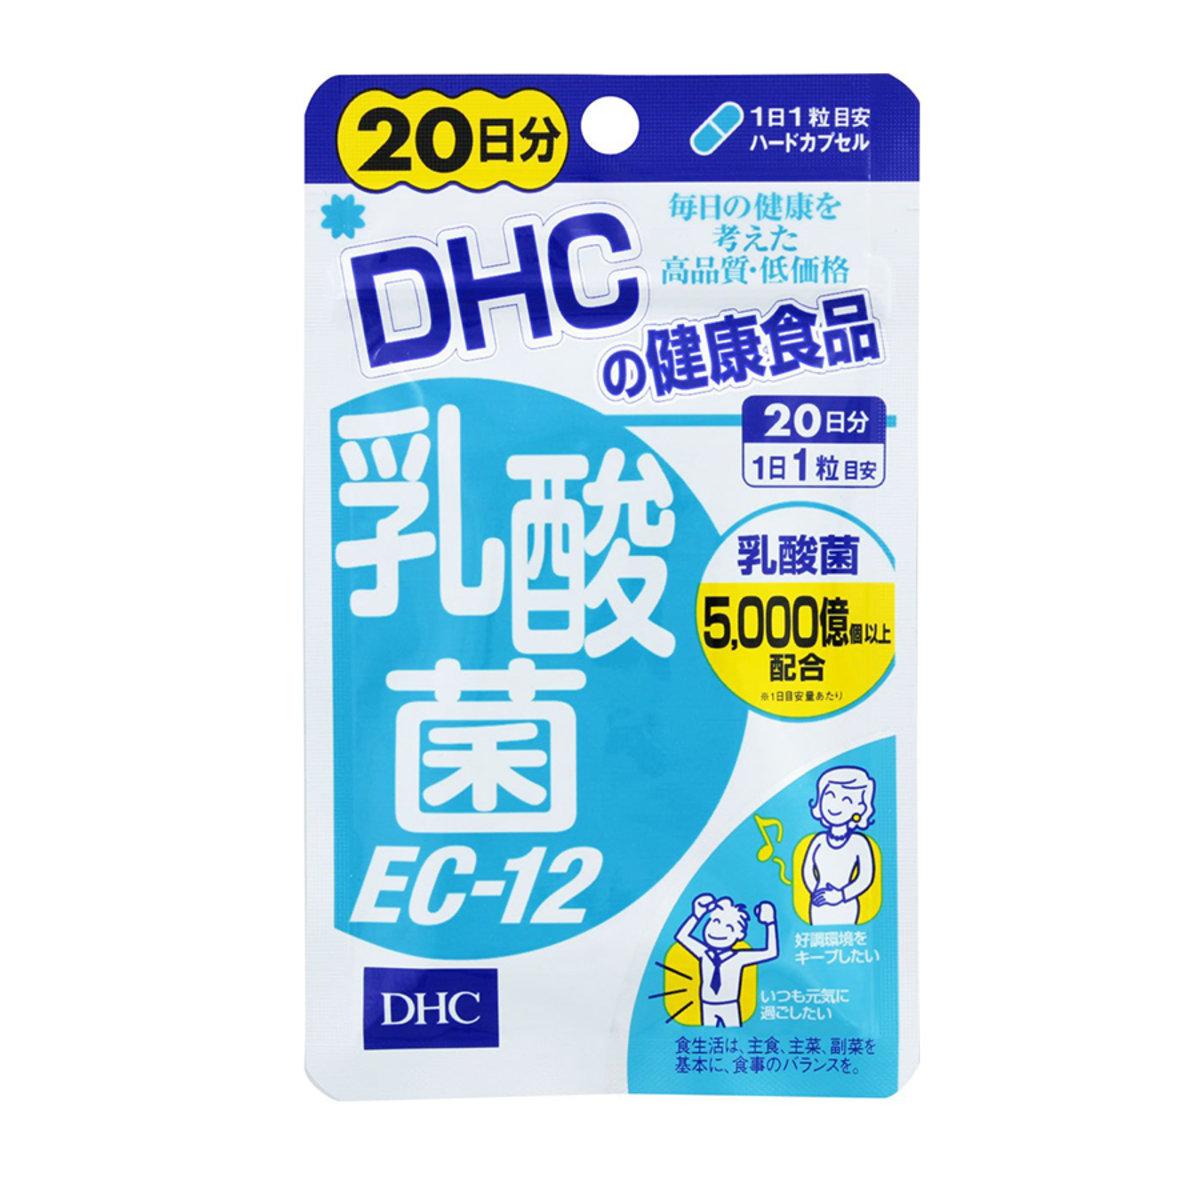 DHC lactic acid bacteria EC-12 20 days (Parallel Import)